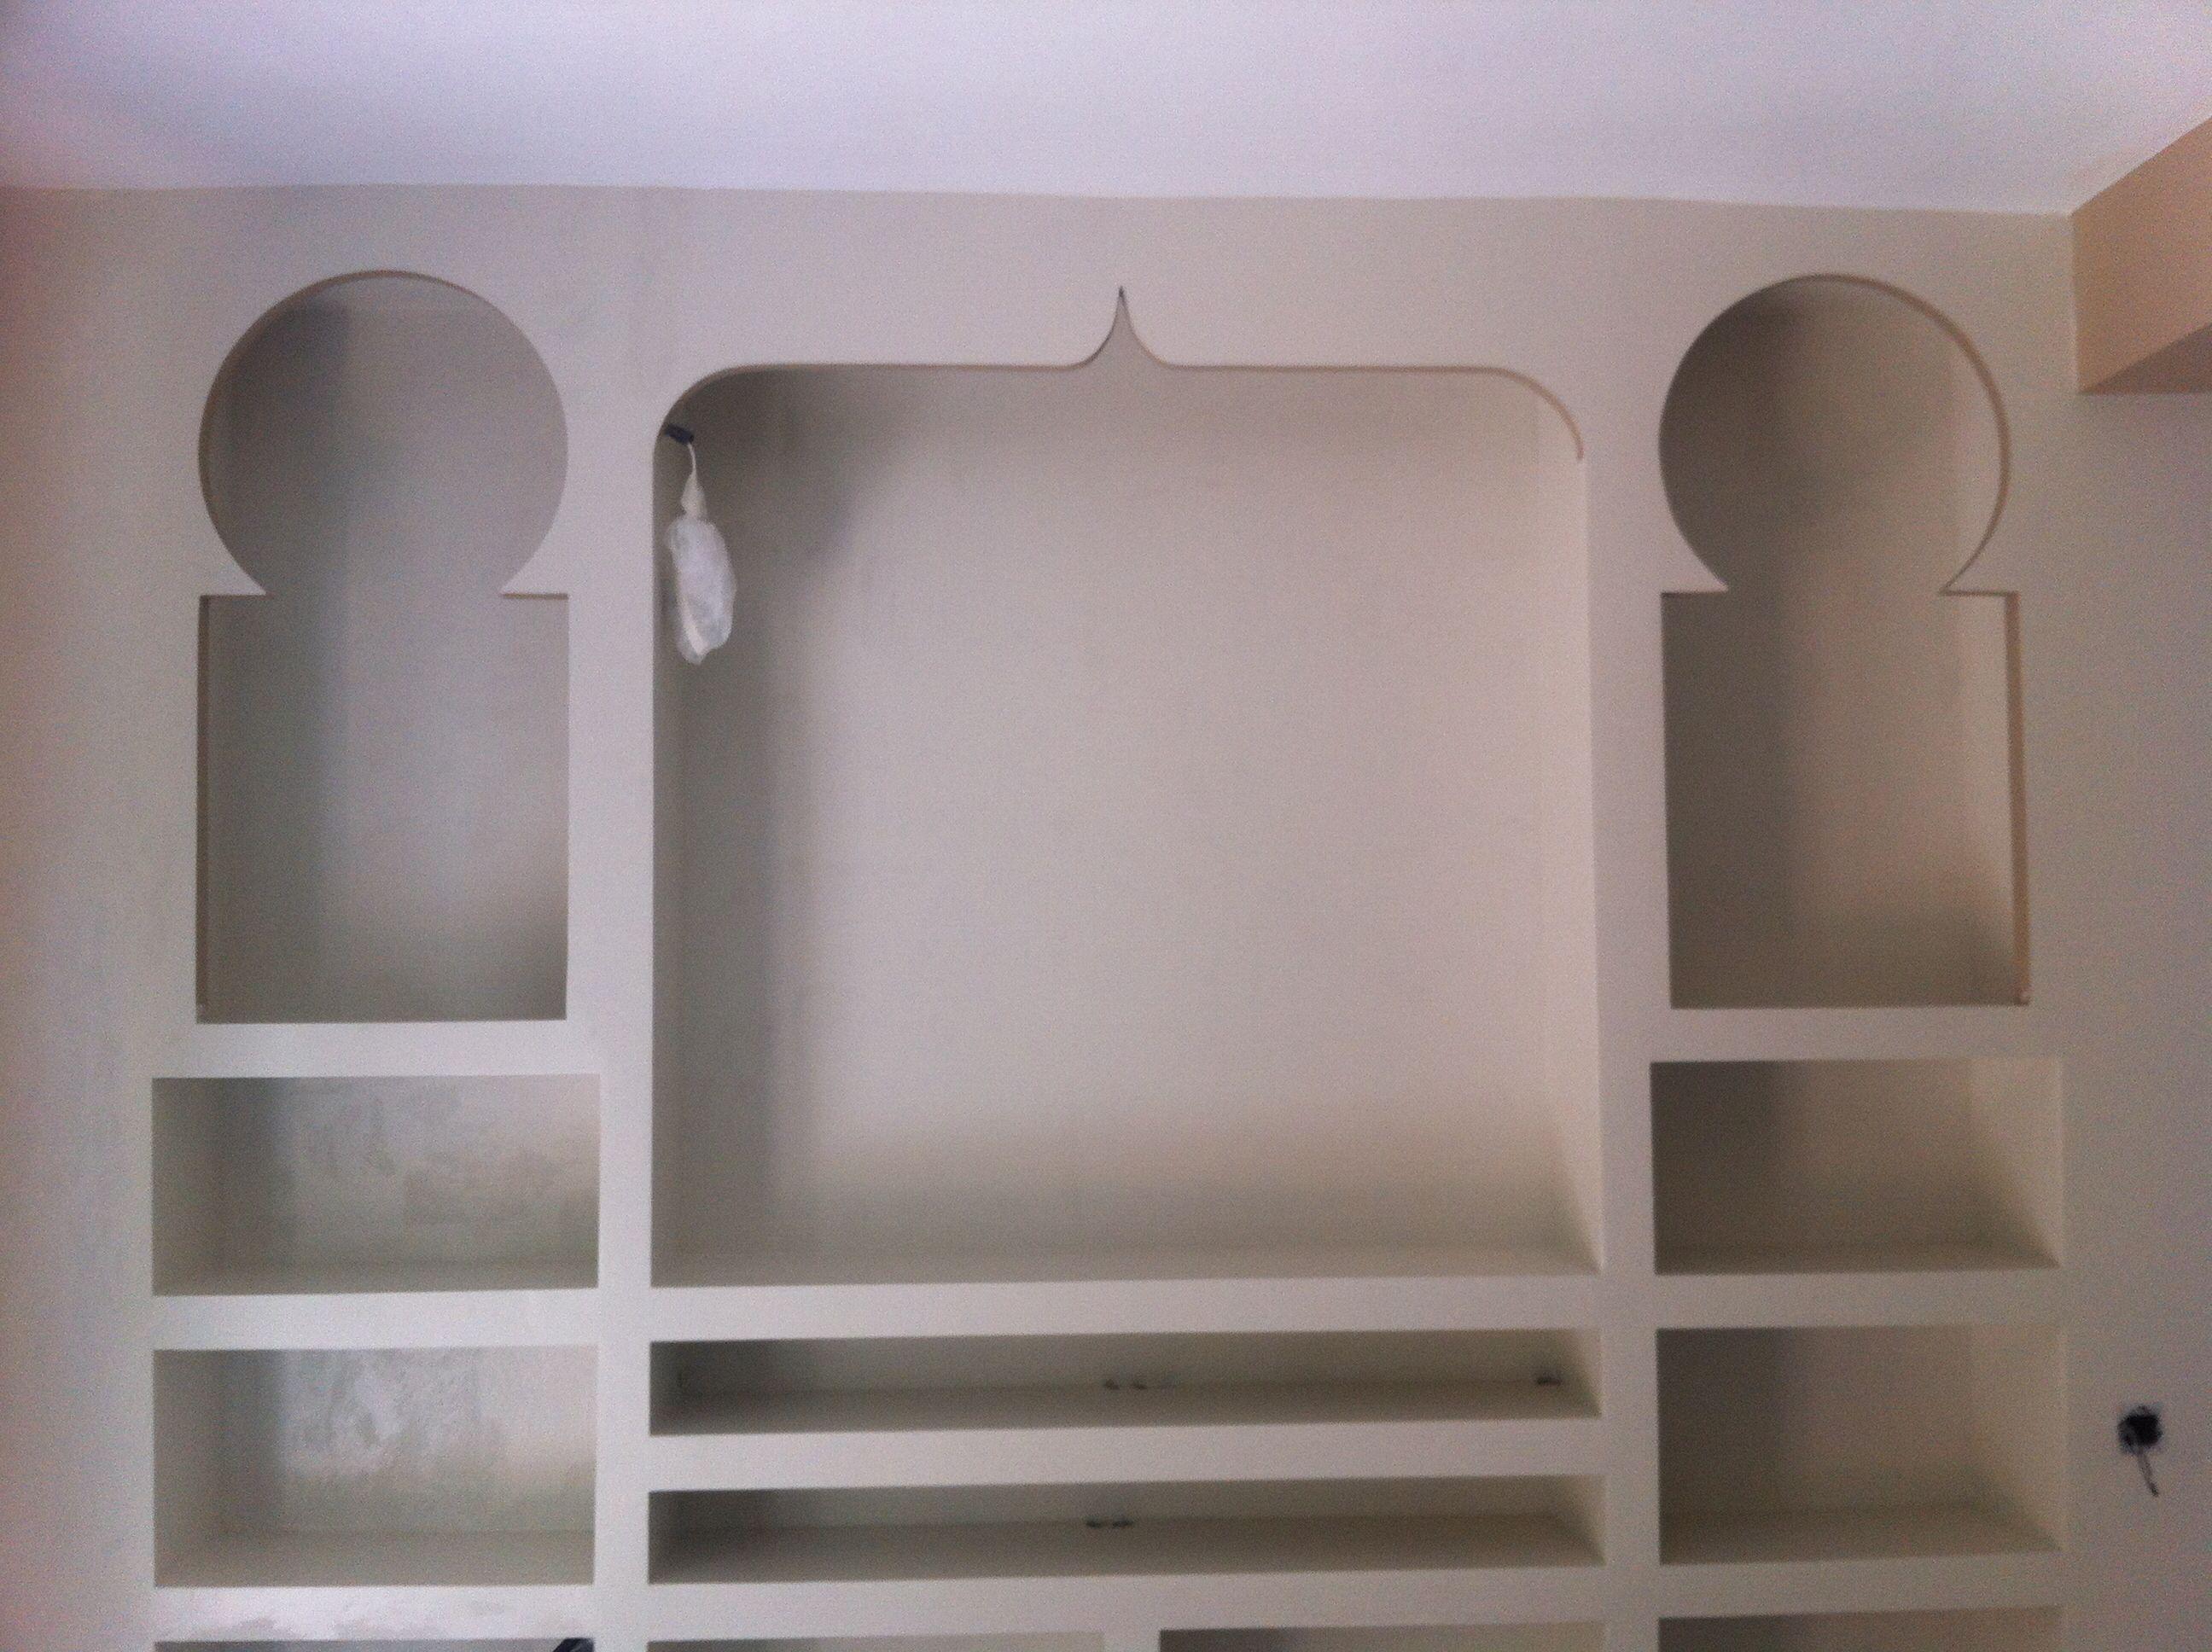 mueble rabe de saln de pladur - Muebles De Escayola